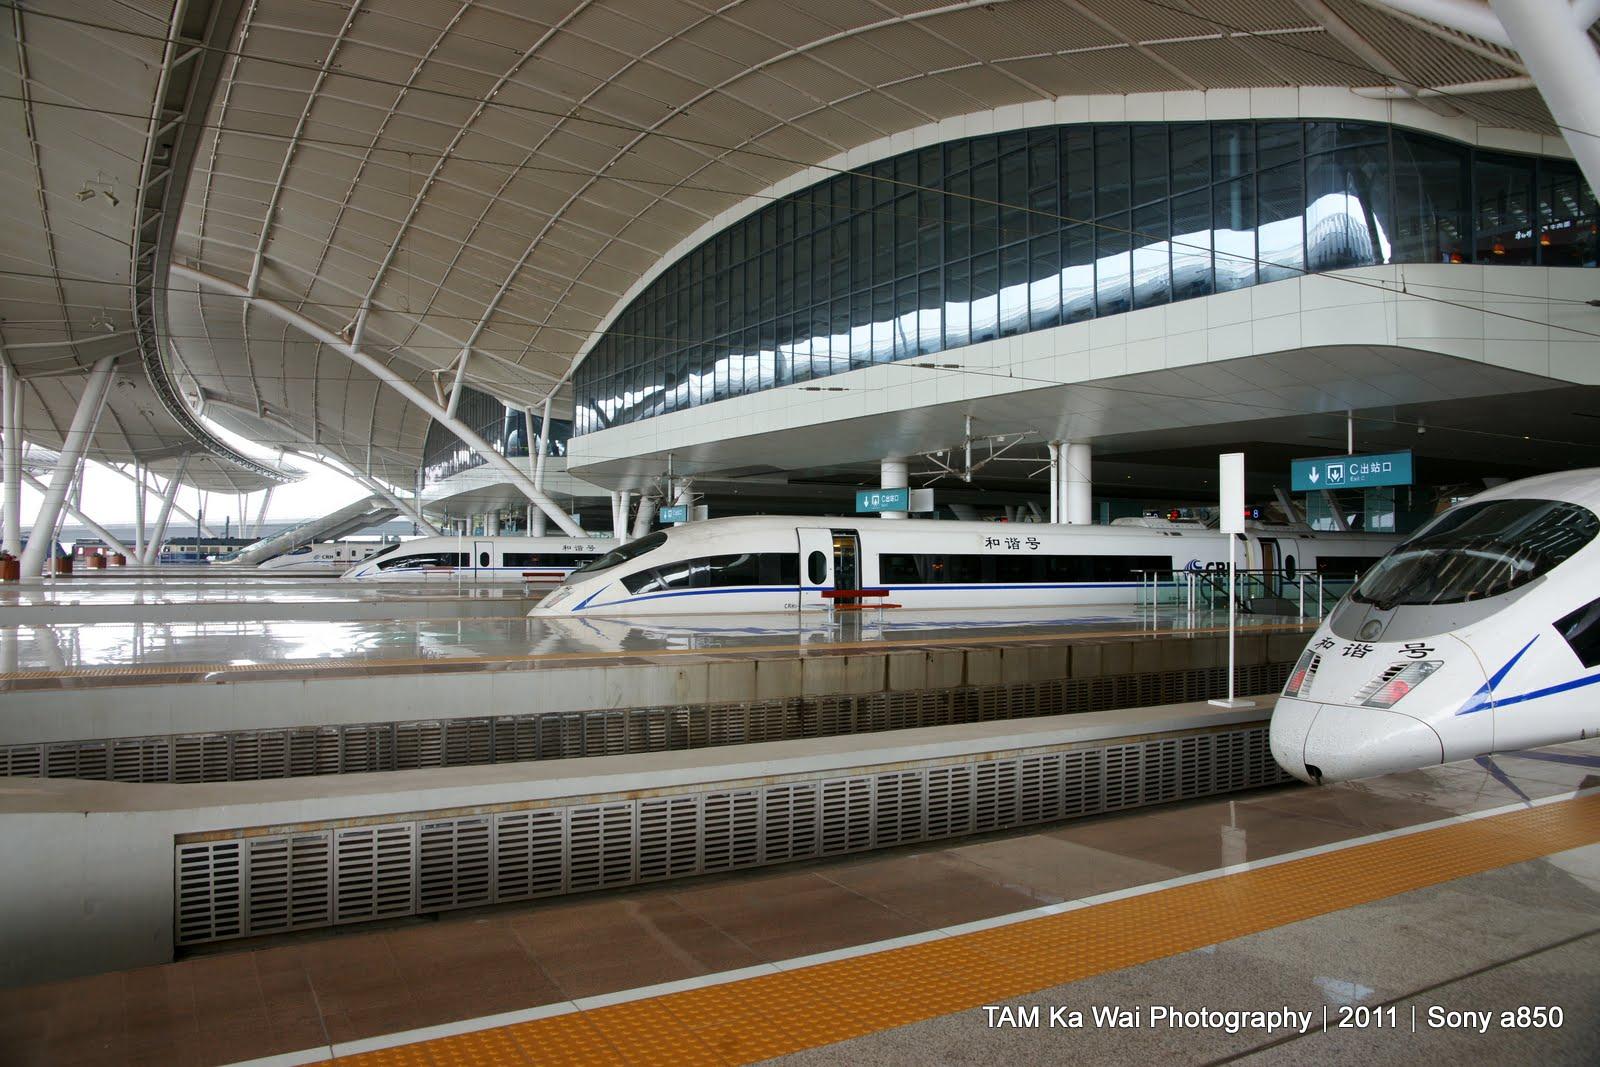 威少‧生活小點滴: 京廣高鐵